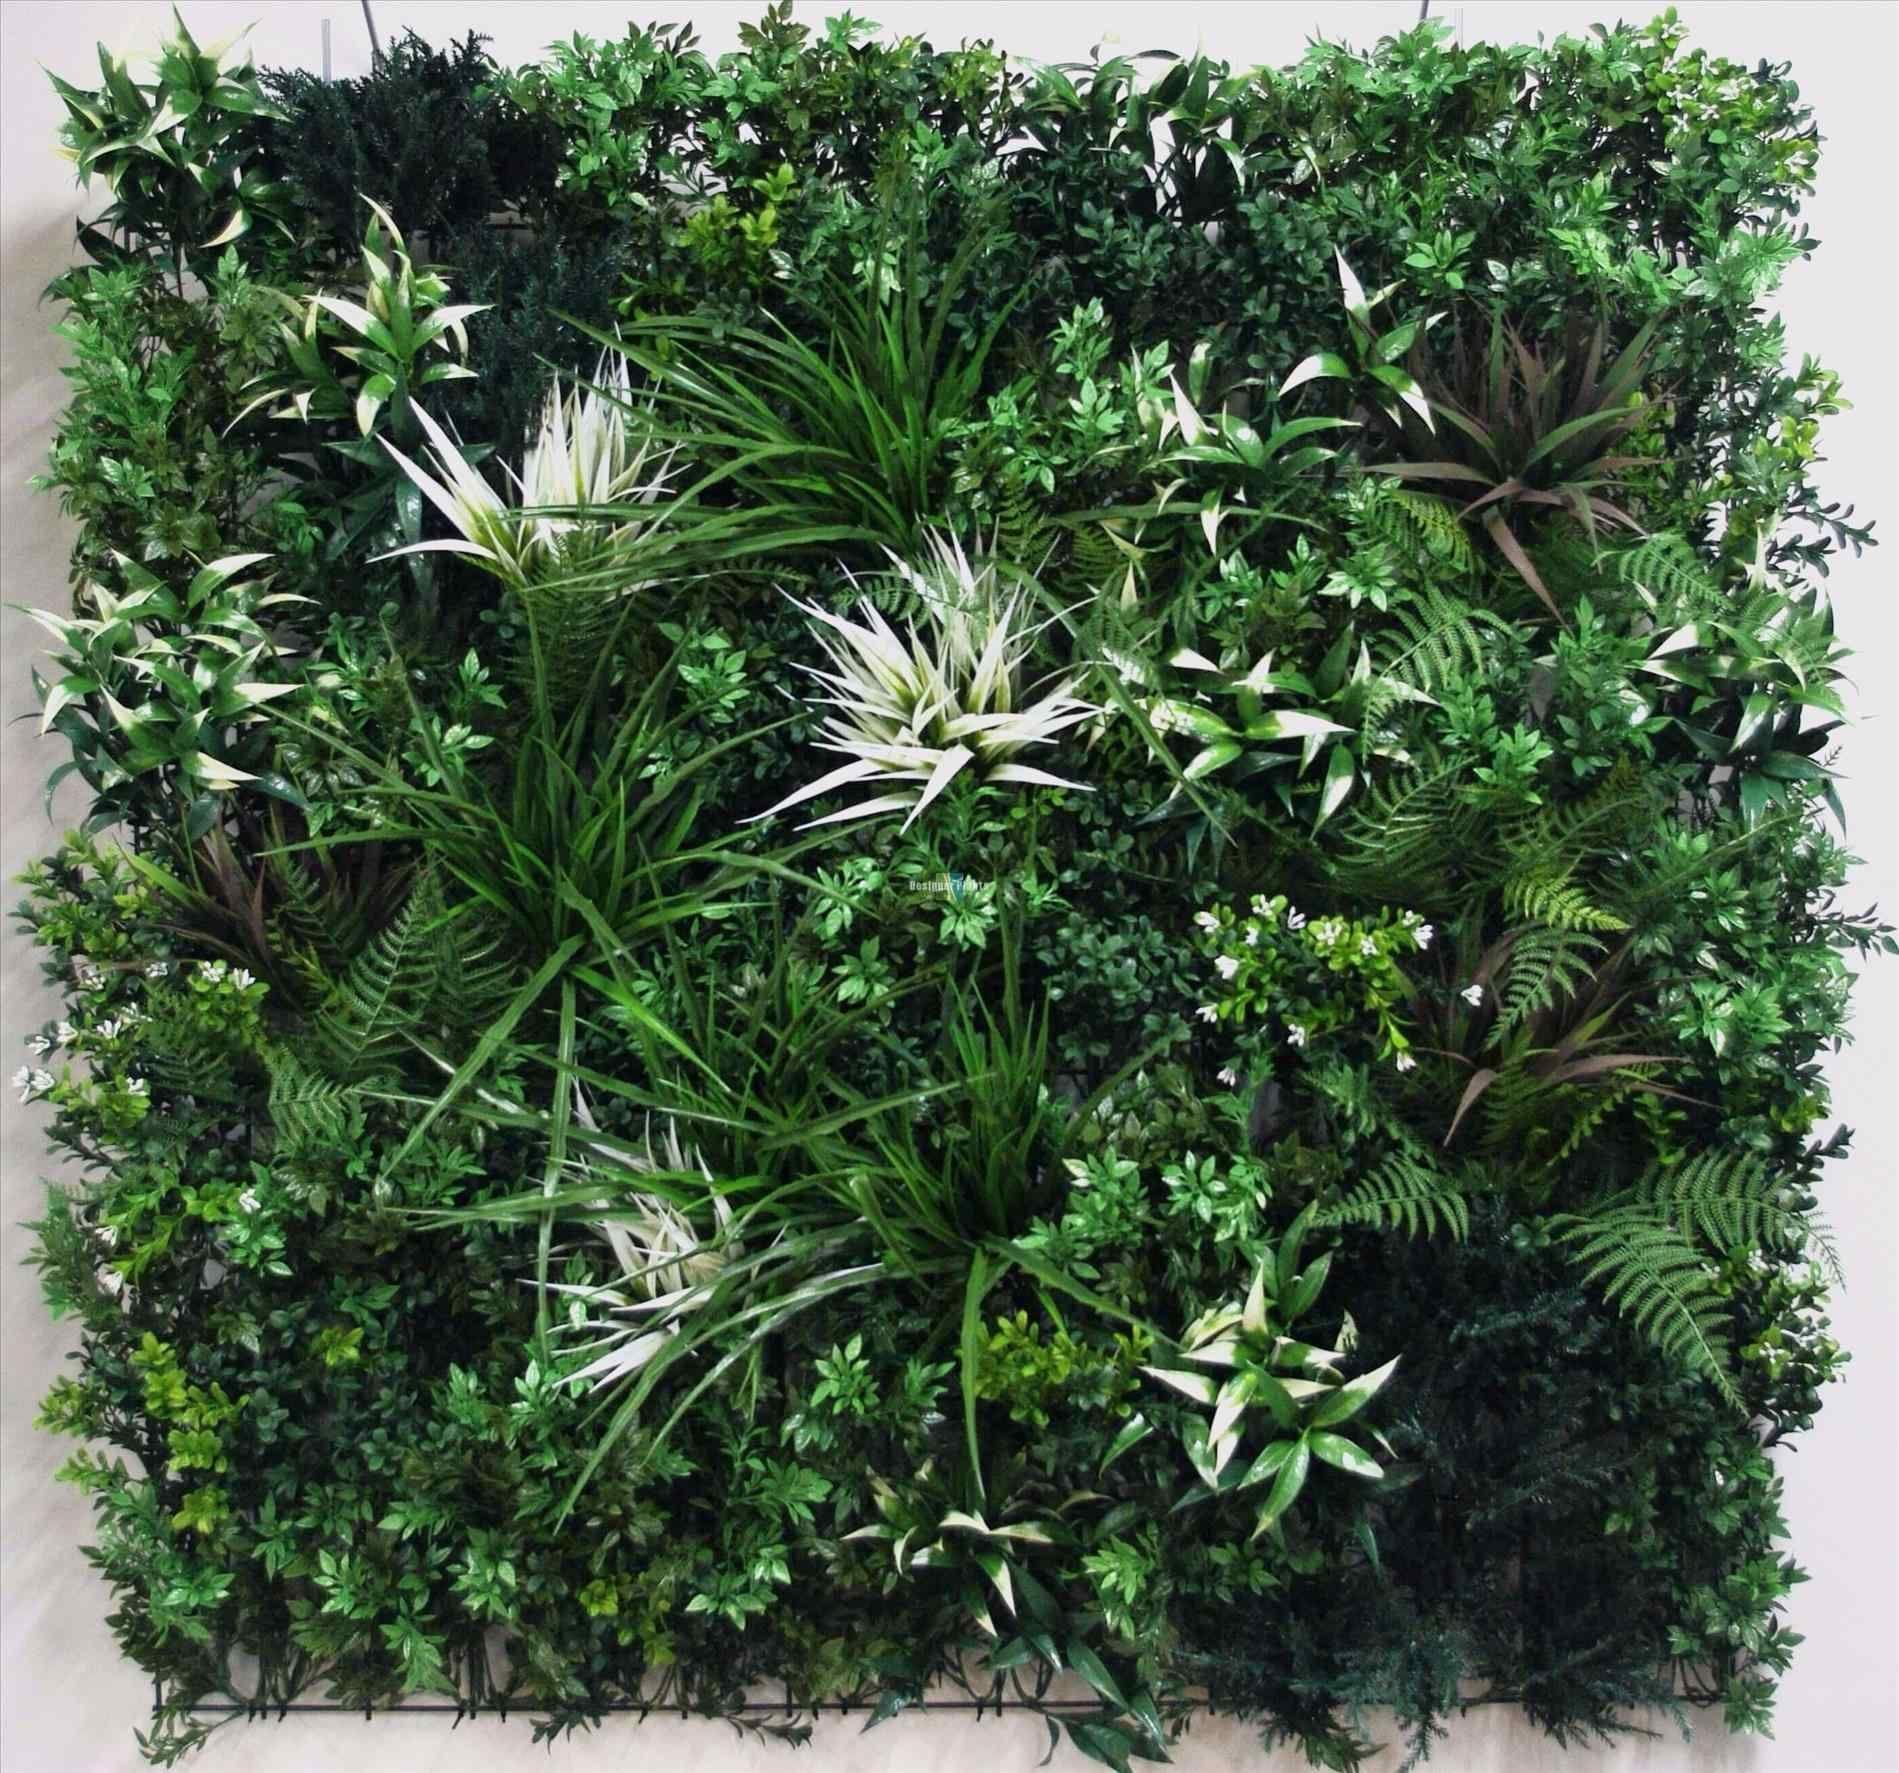 20 Astonishing Vertical Garden Panels For Inspiration